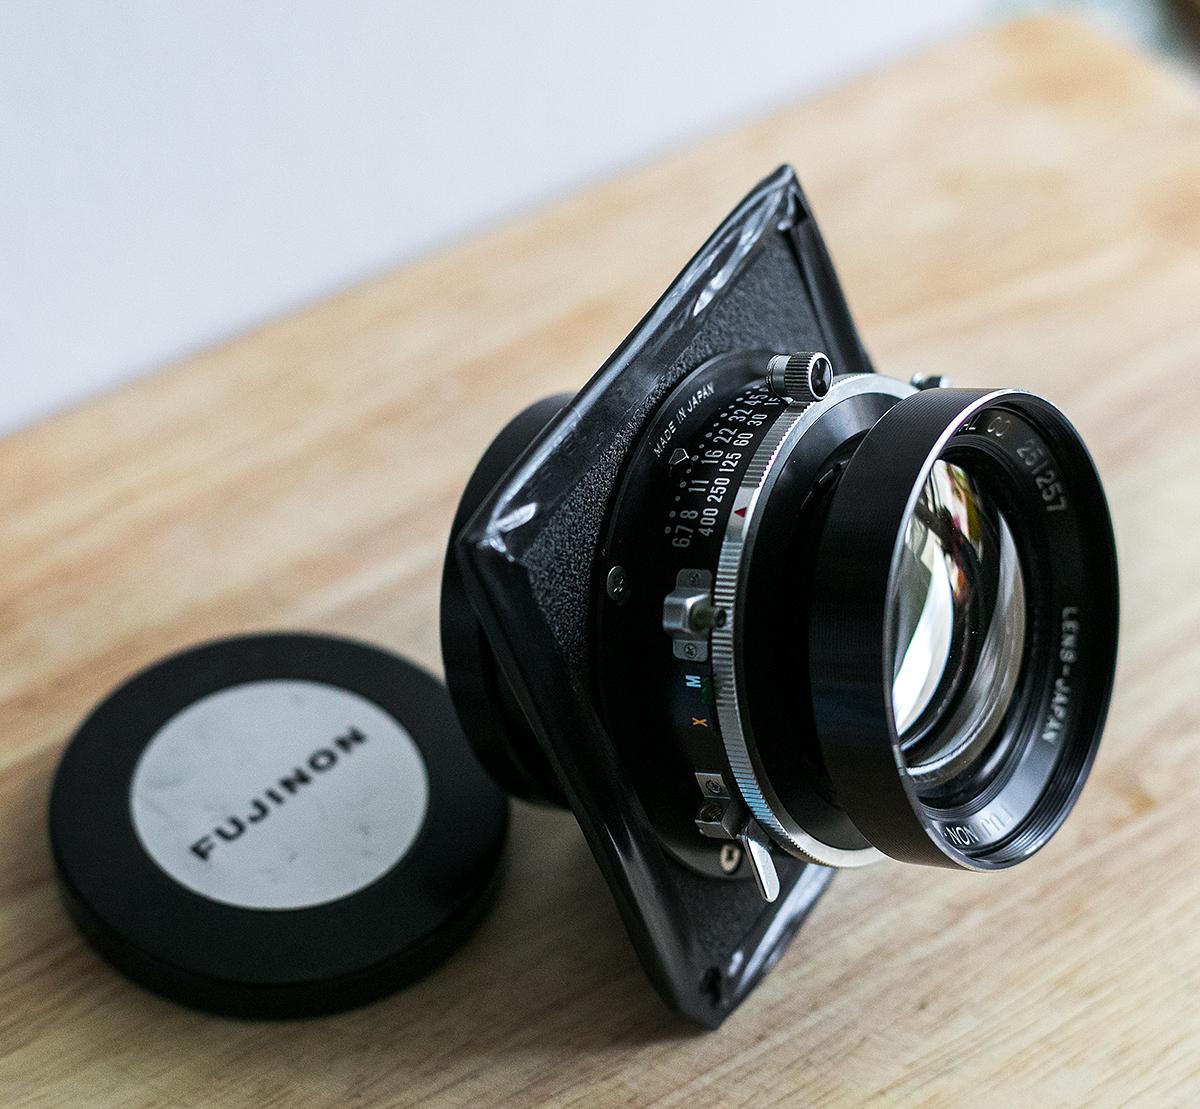 Fujinon W S 250/6.7